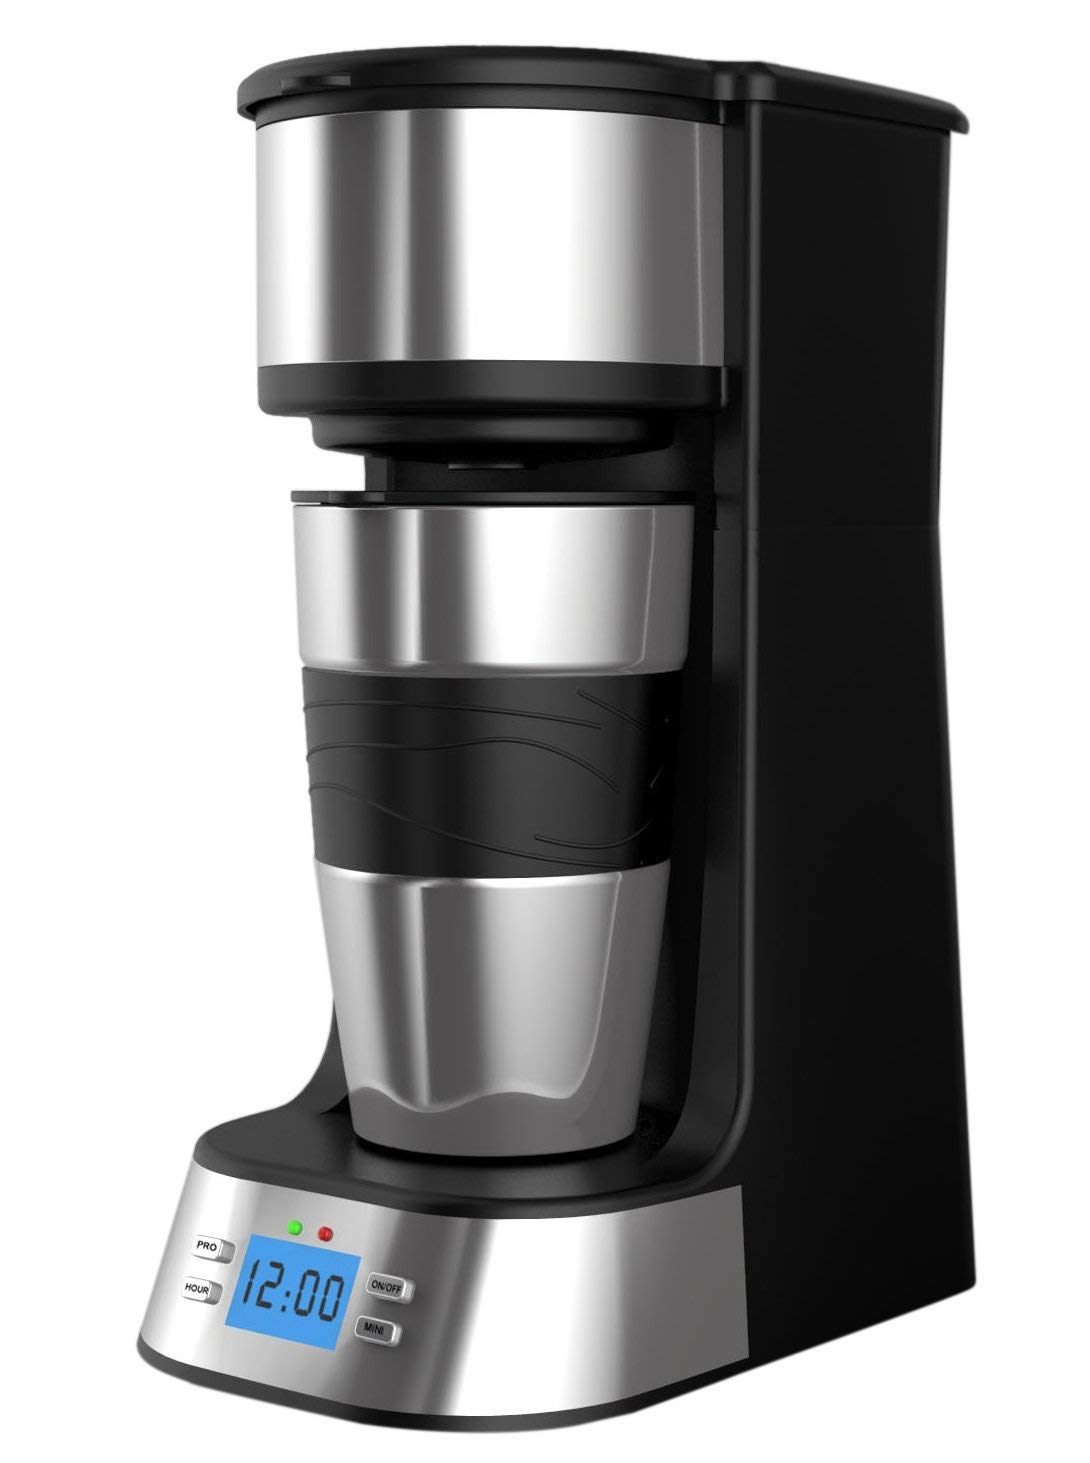 PowerDoF - Cafetera digital programable con goteo automático, de plástico: Amazon.es: Hogar